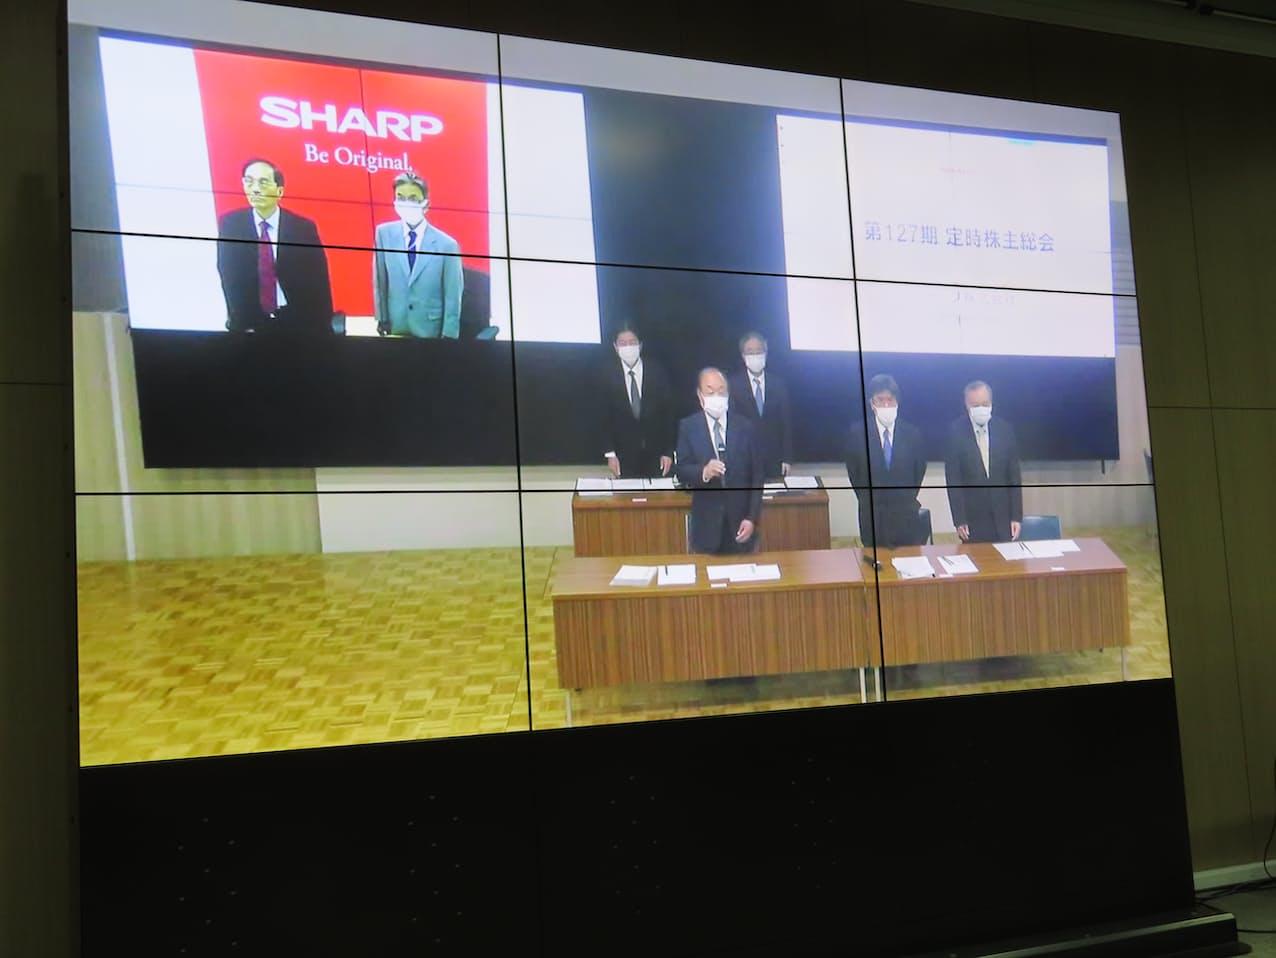 シャープは29日株主総会を開いた